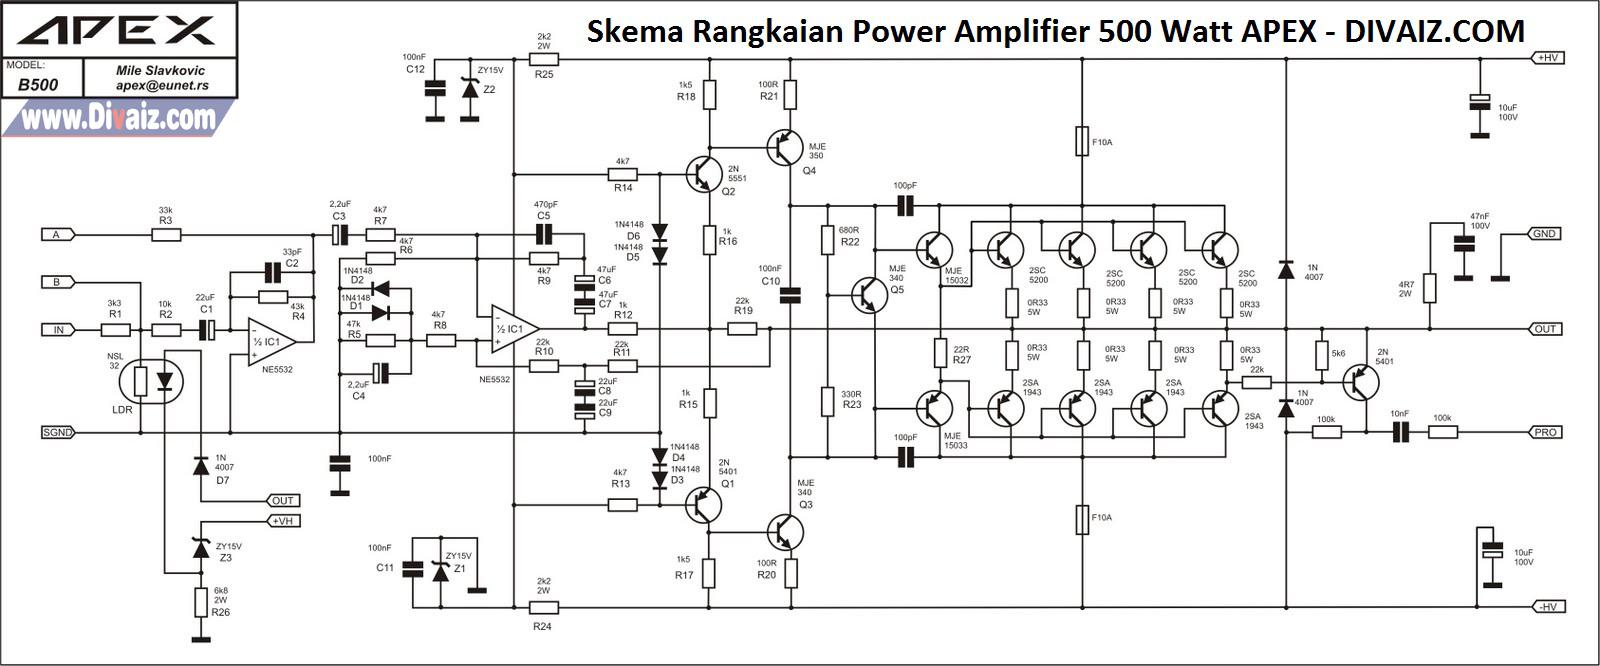 Skema Rangkaian Power Amplifier 500 Watt APEX - www.divaizz.com